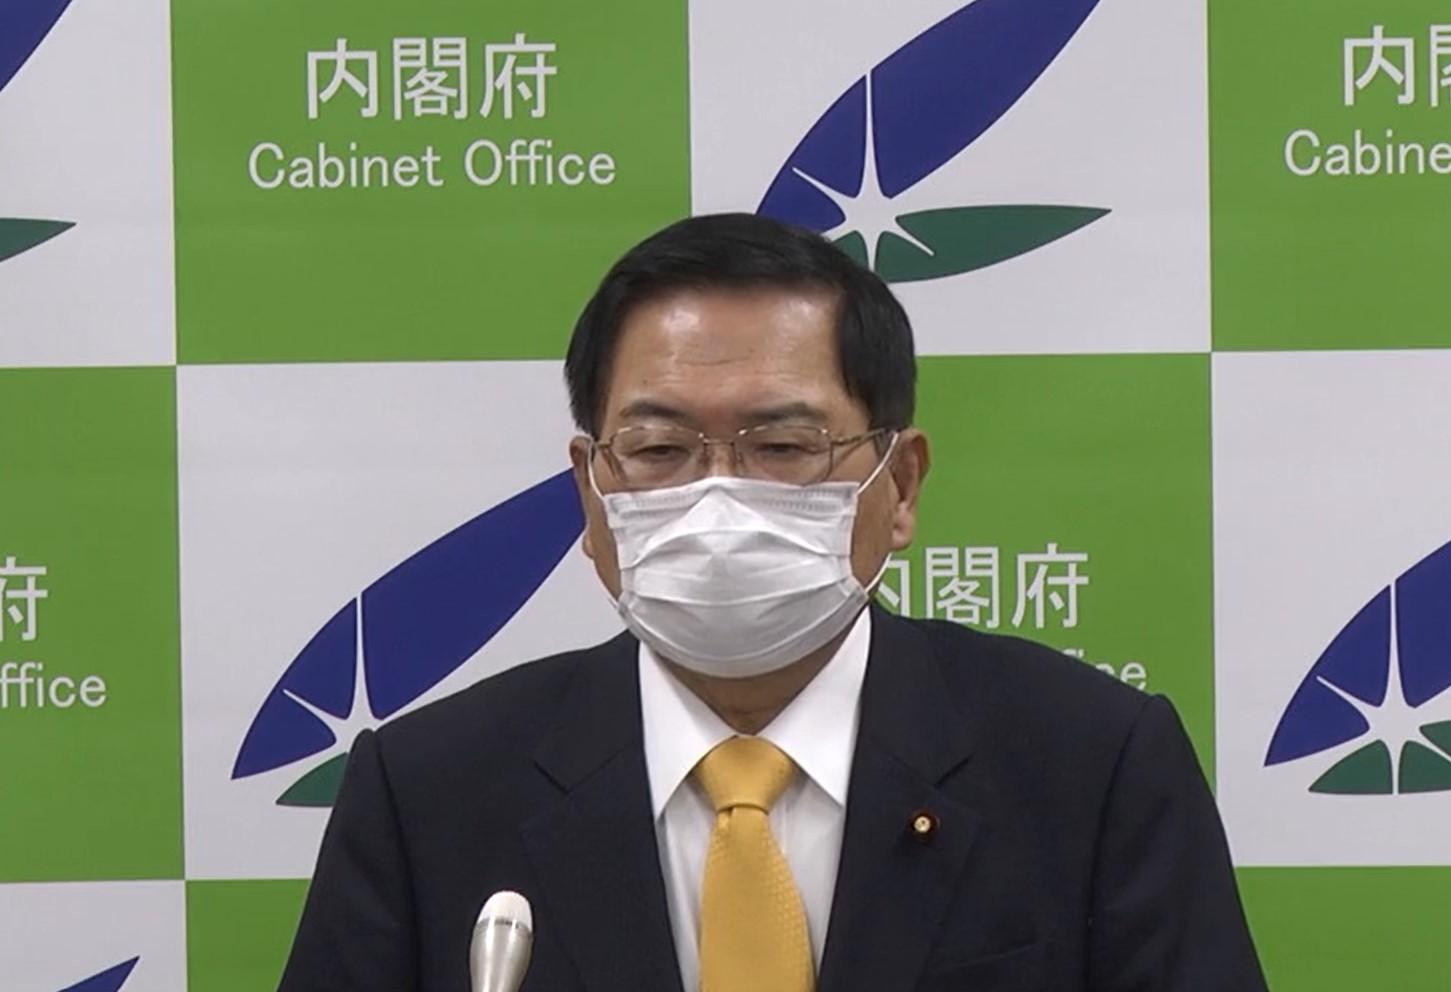 を ハンコ 守る 会 文化 日本のハンコ文化がどうしようもなくダメな訳 行政のデジタル化を待っていては後れを取る